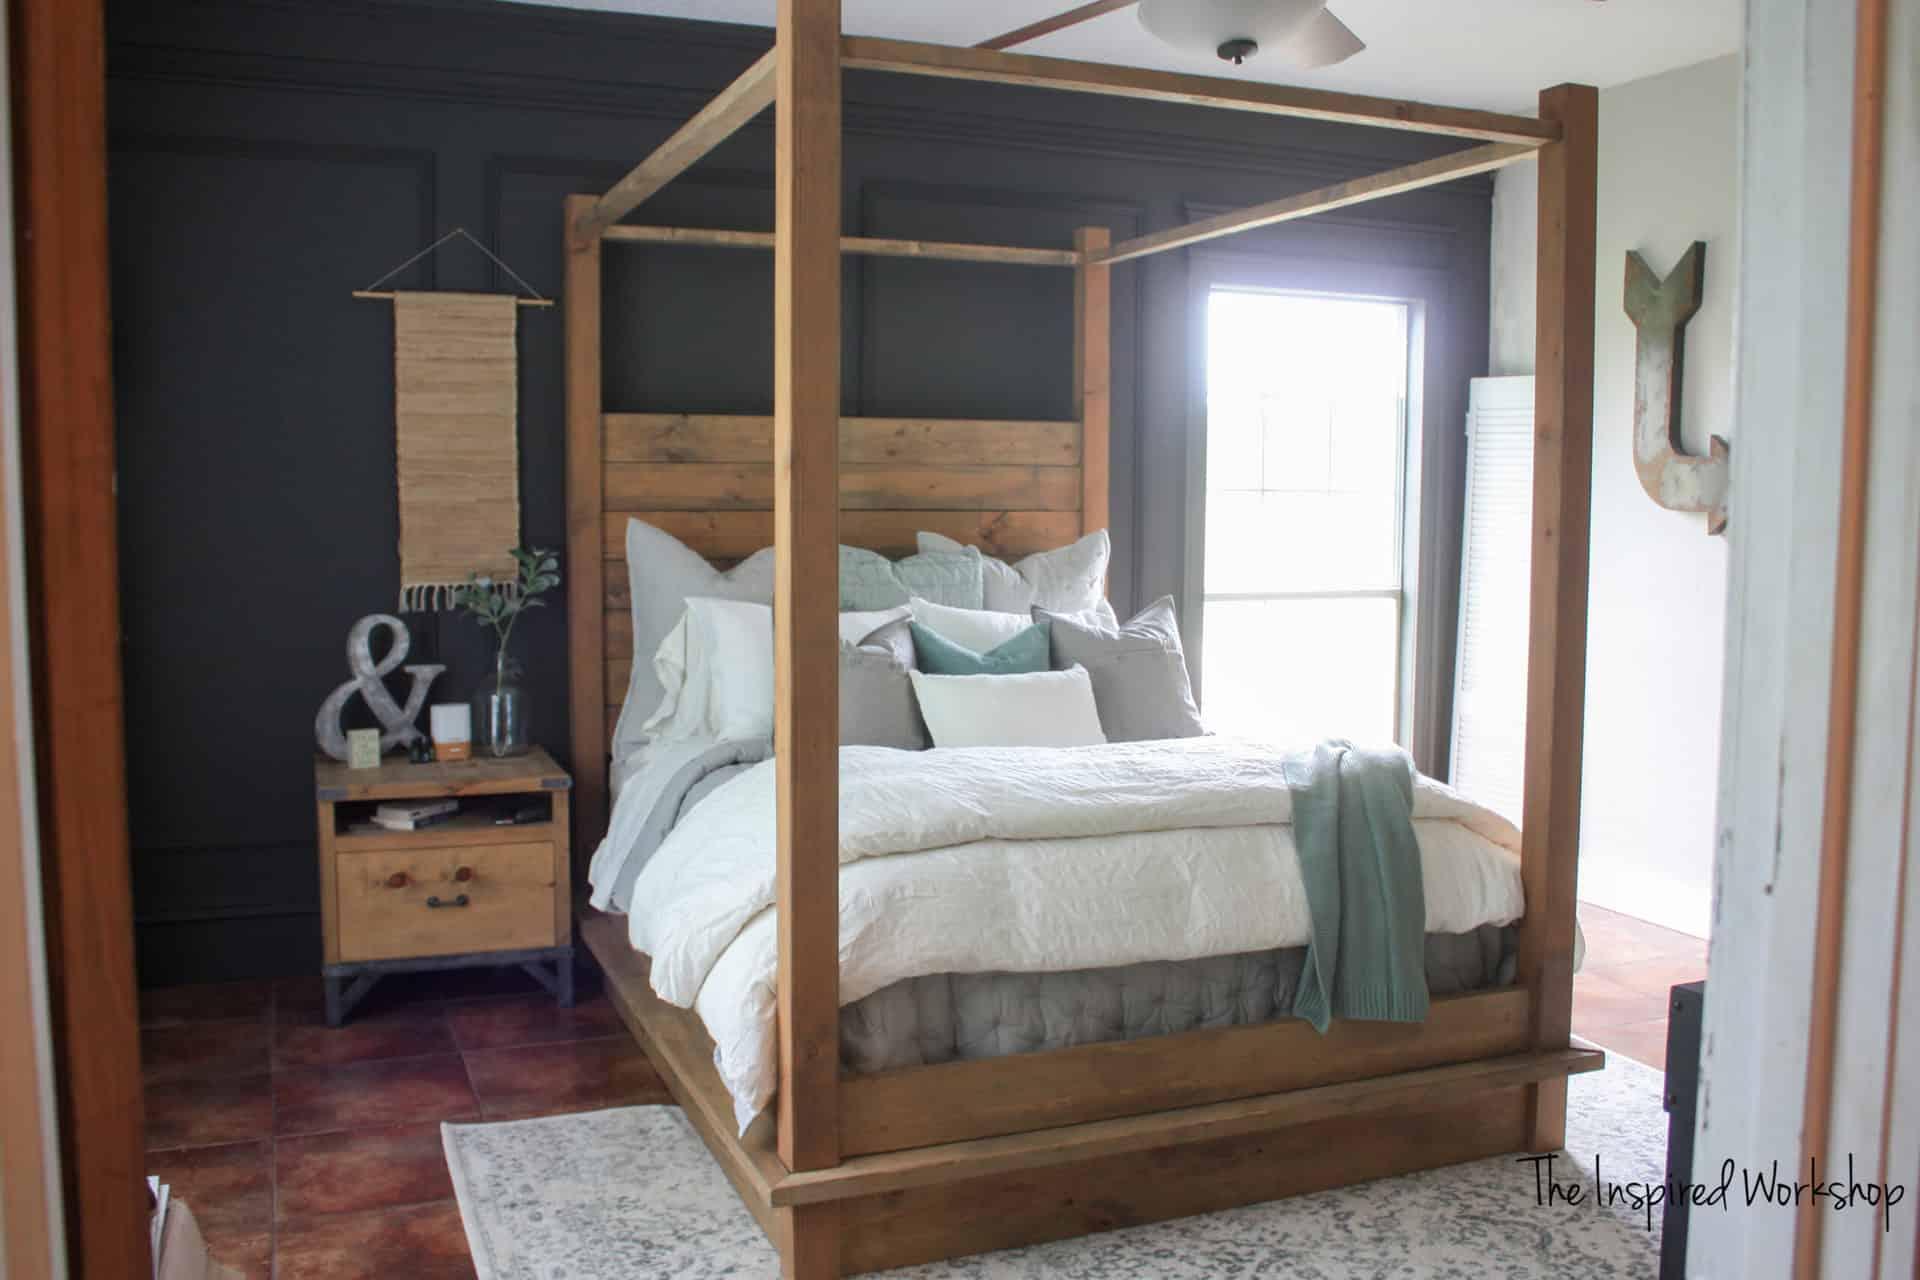 DIY Queen Bed Frame – Restoration Hardware Knockoff